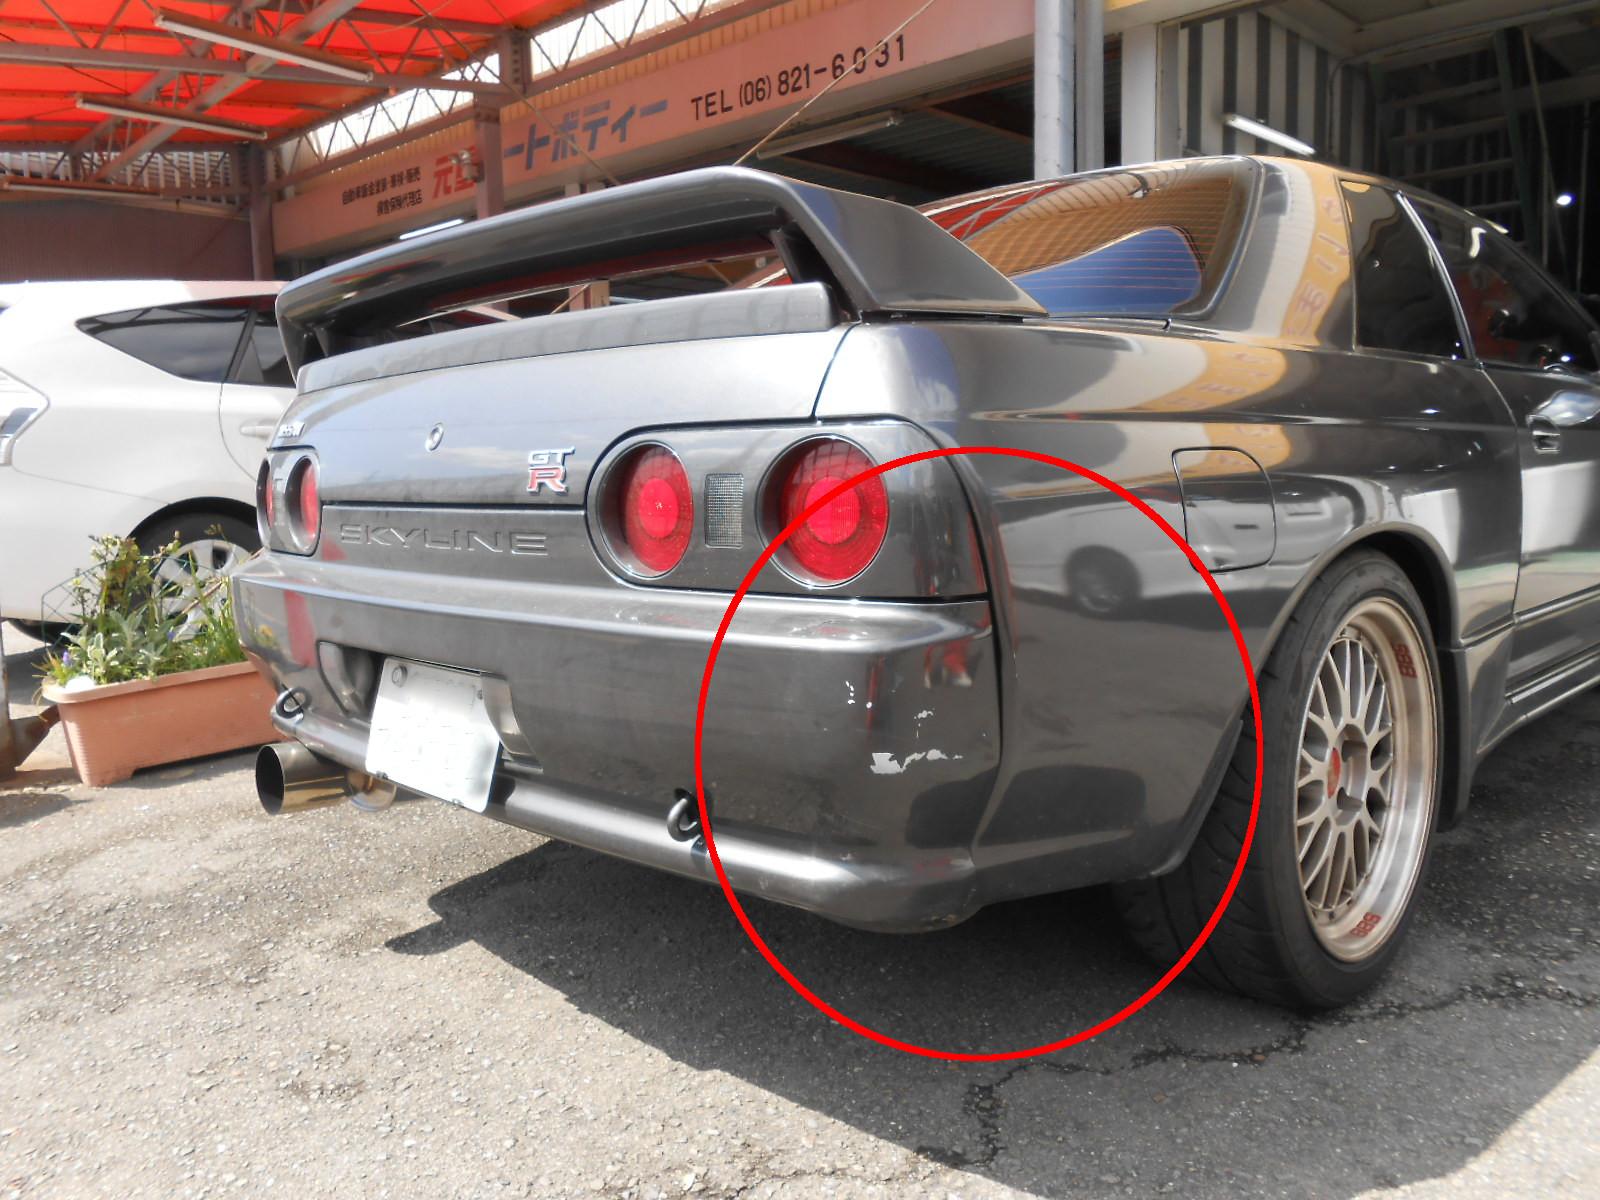 R32 GT-R ・クォーター、バンパー修理